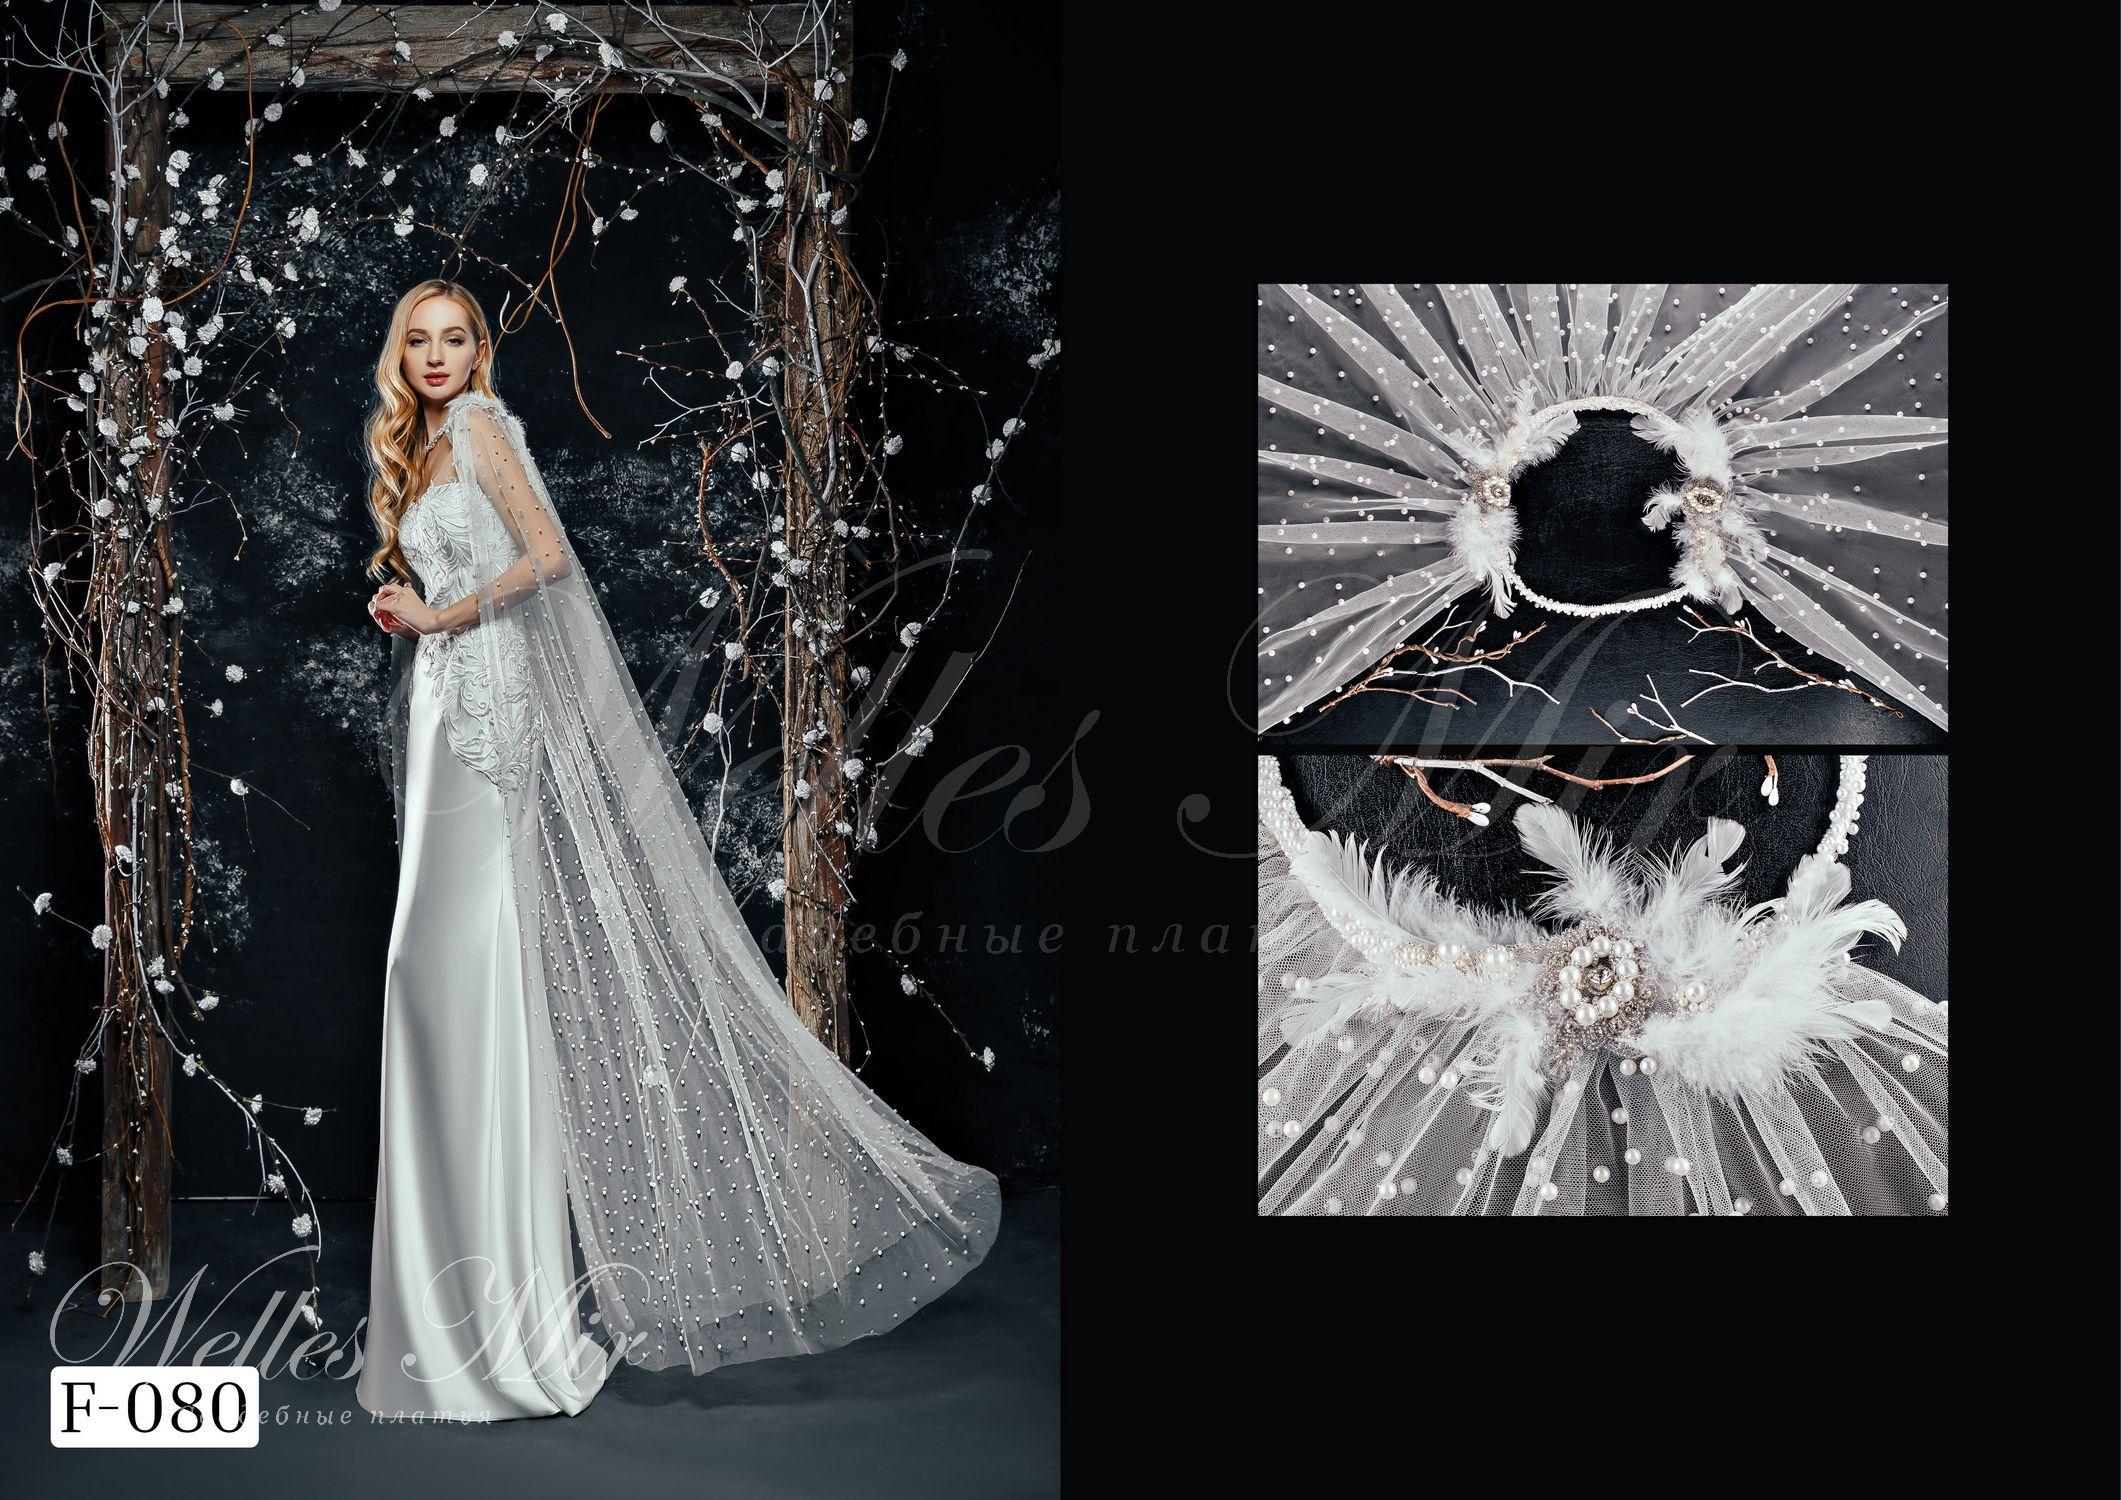 Фаты Shine Veils 2019 - F-080